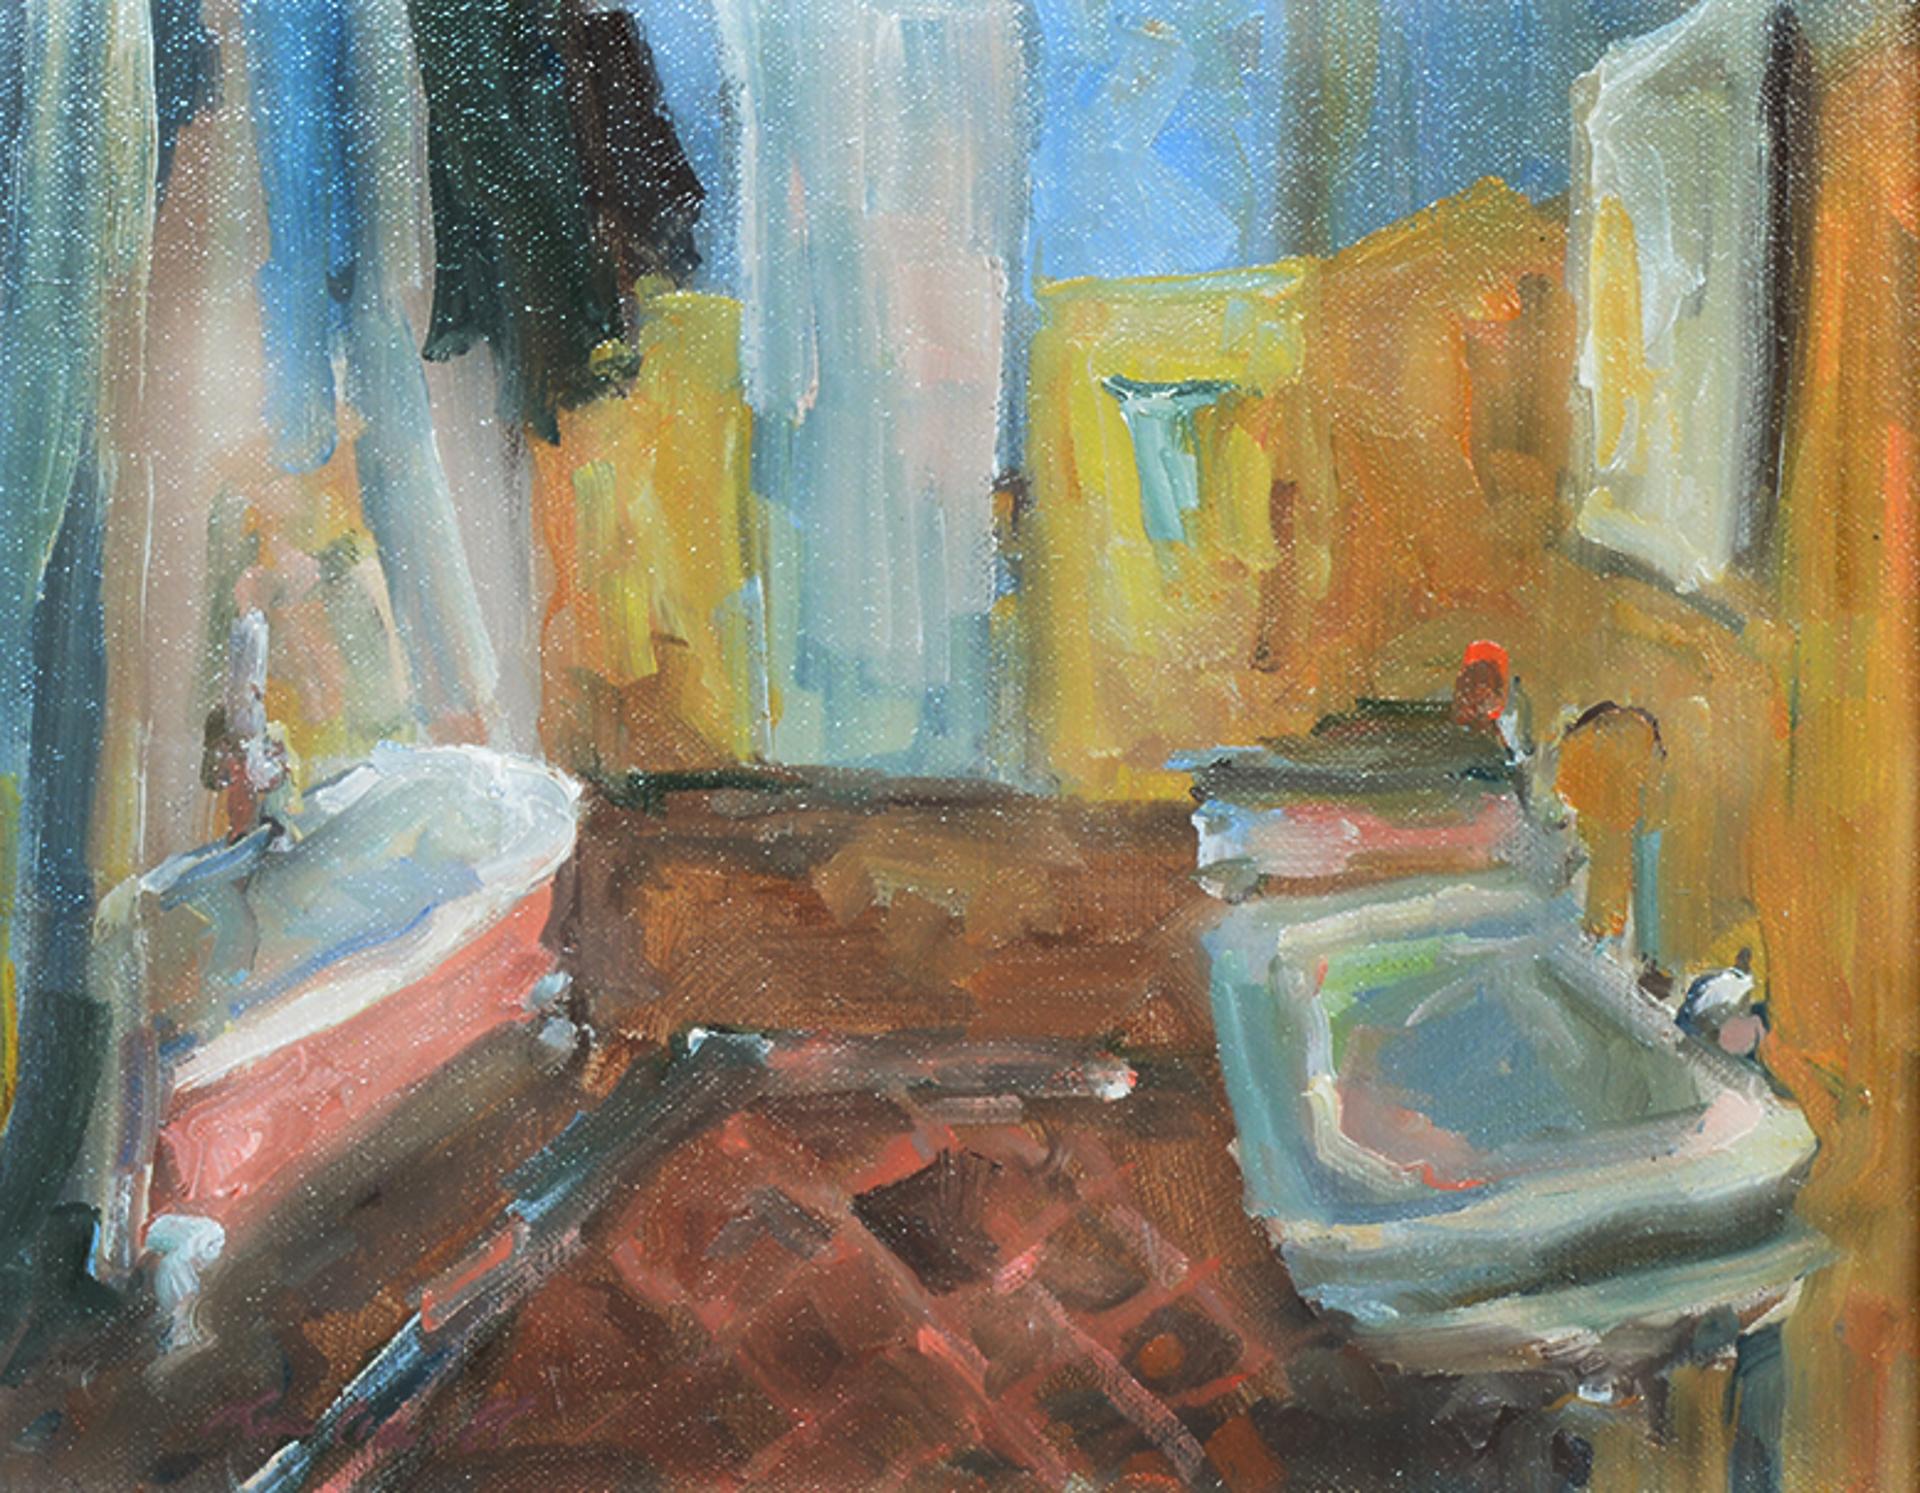 Vasca da Bango (Italian Bathtub) by Karen Hewitt Hagan